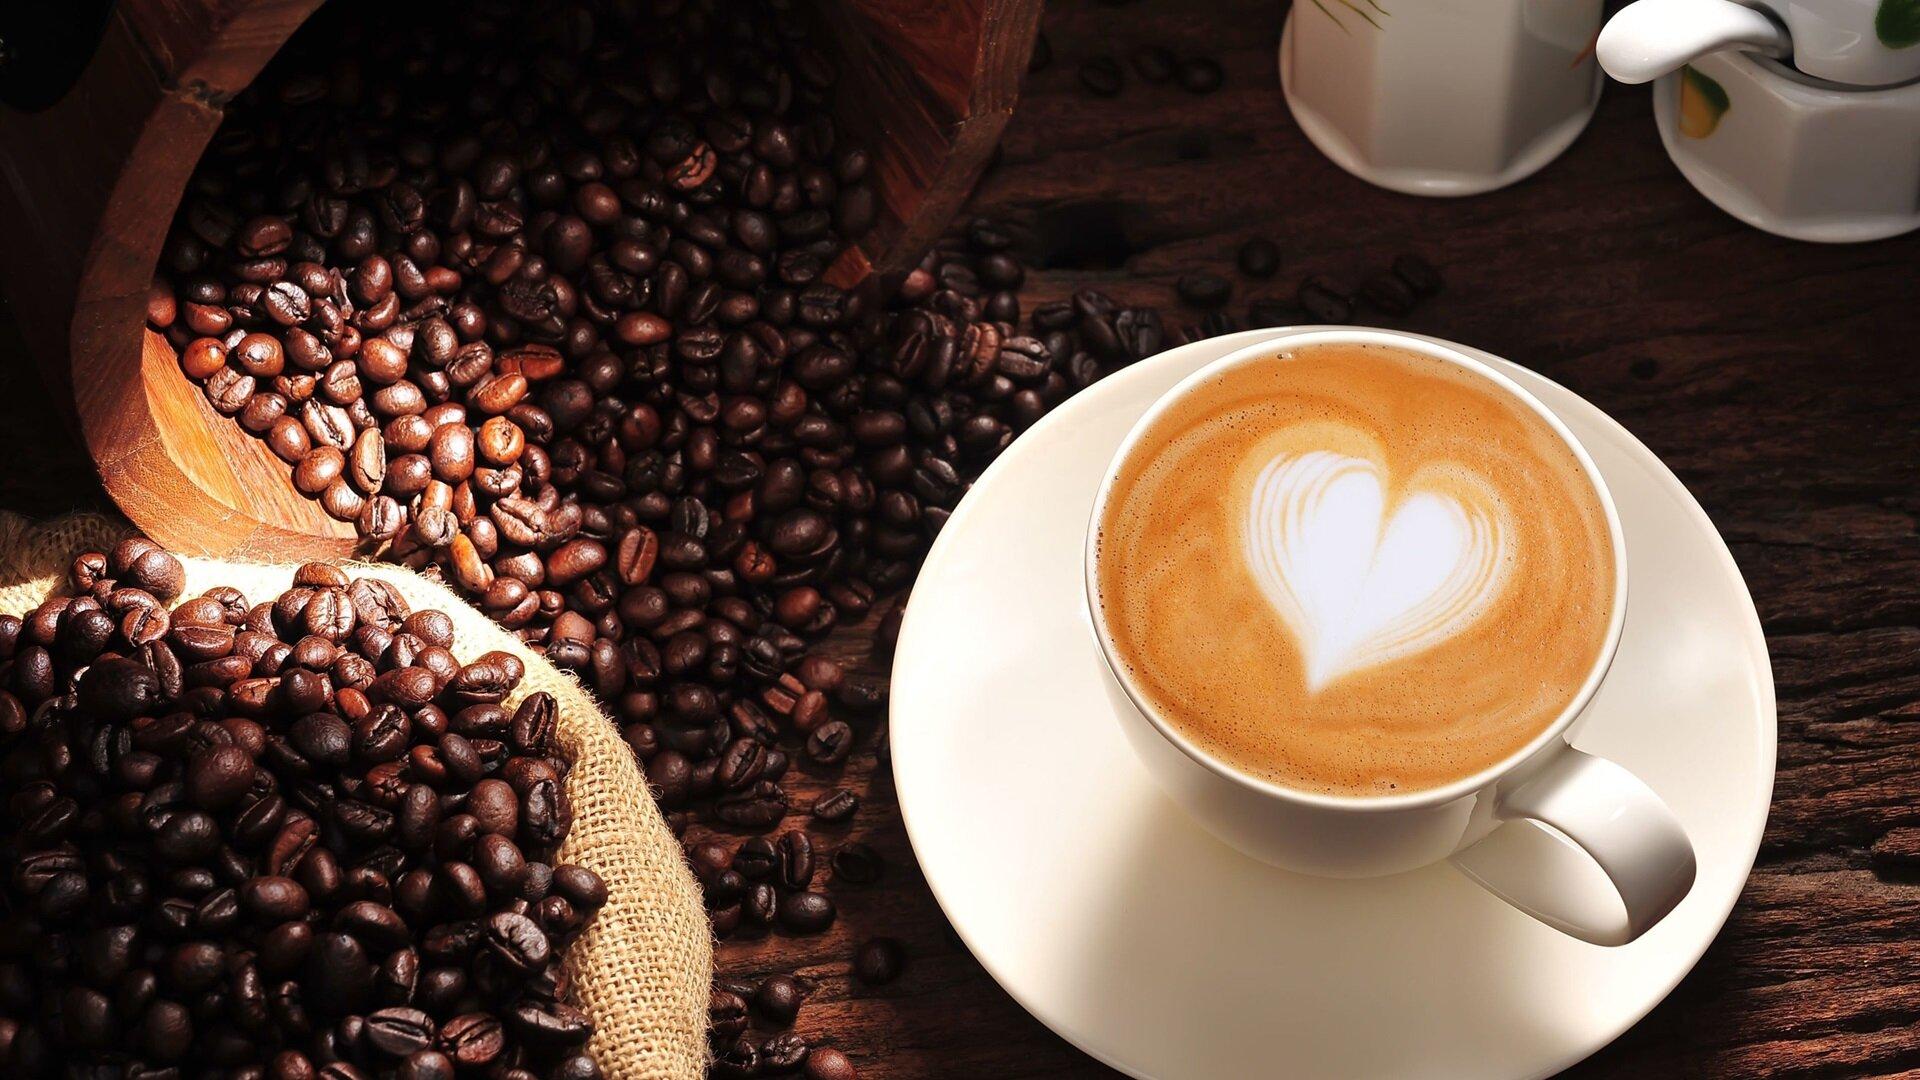 Những tách cà phê thơm ngon, đậm vị sẽ giúp bạn tỉnh táo hơn trong công việc